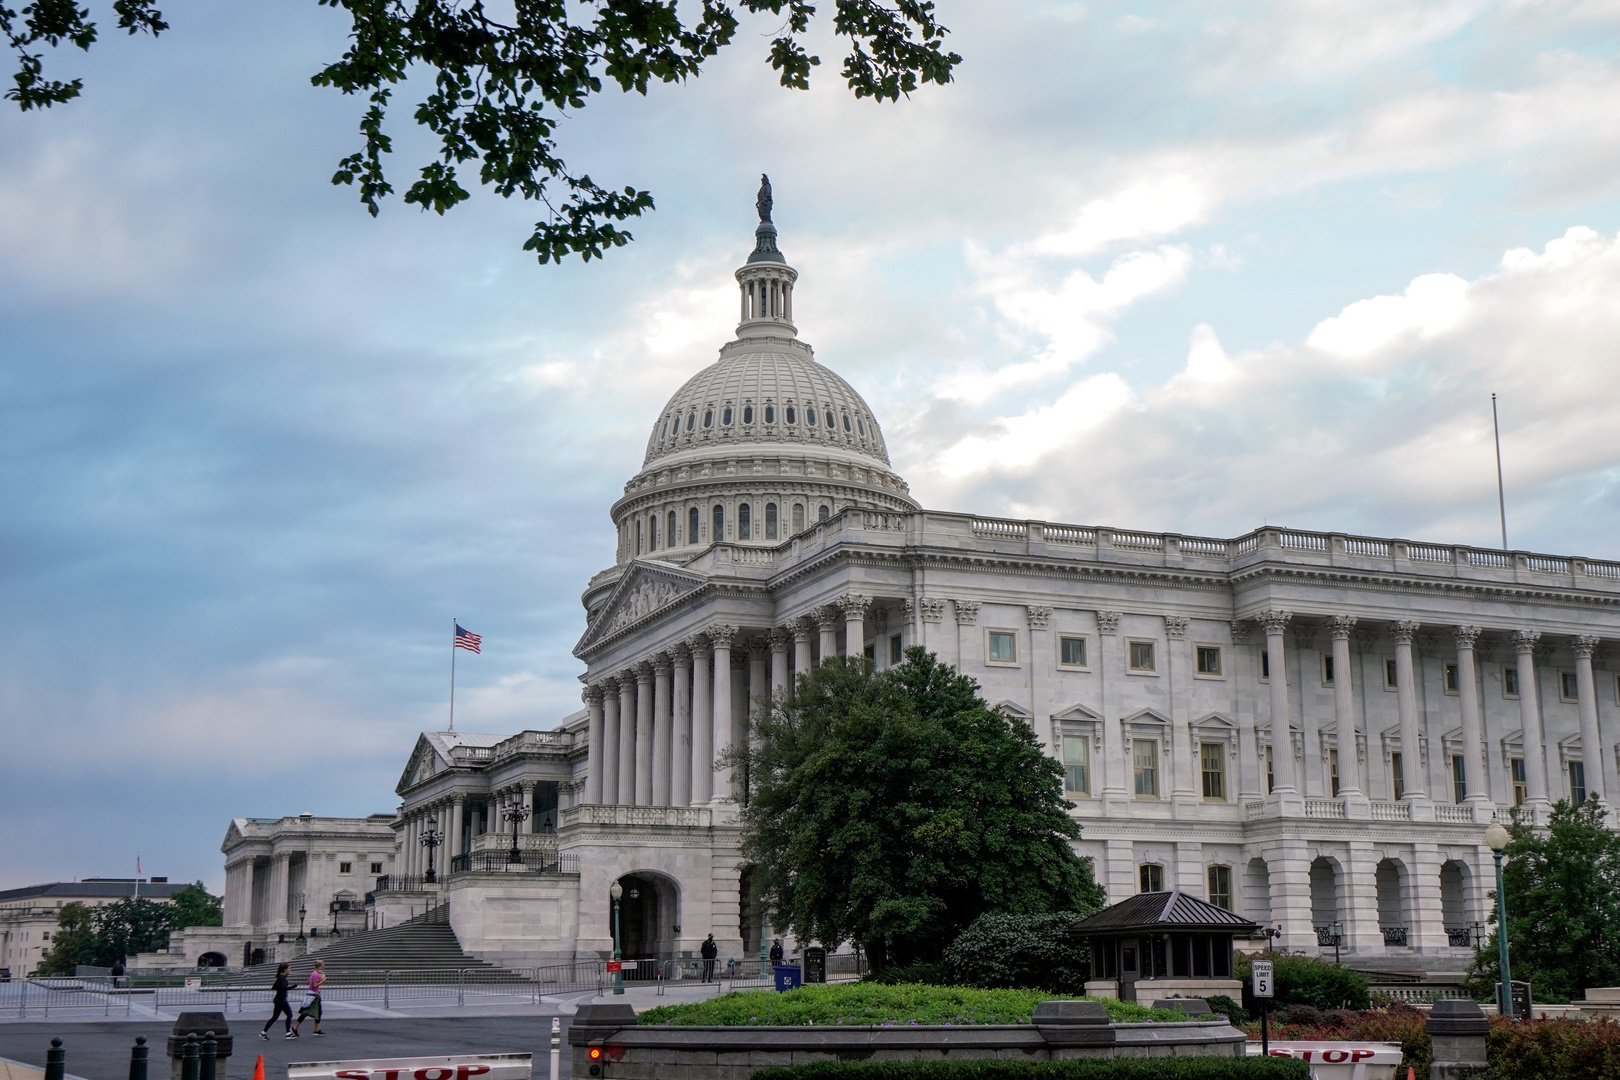 مقر الكونغرس الأمريكي.